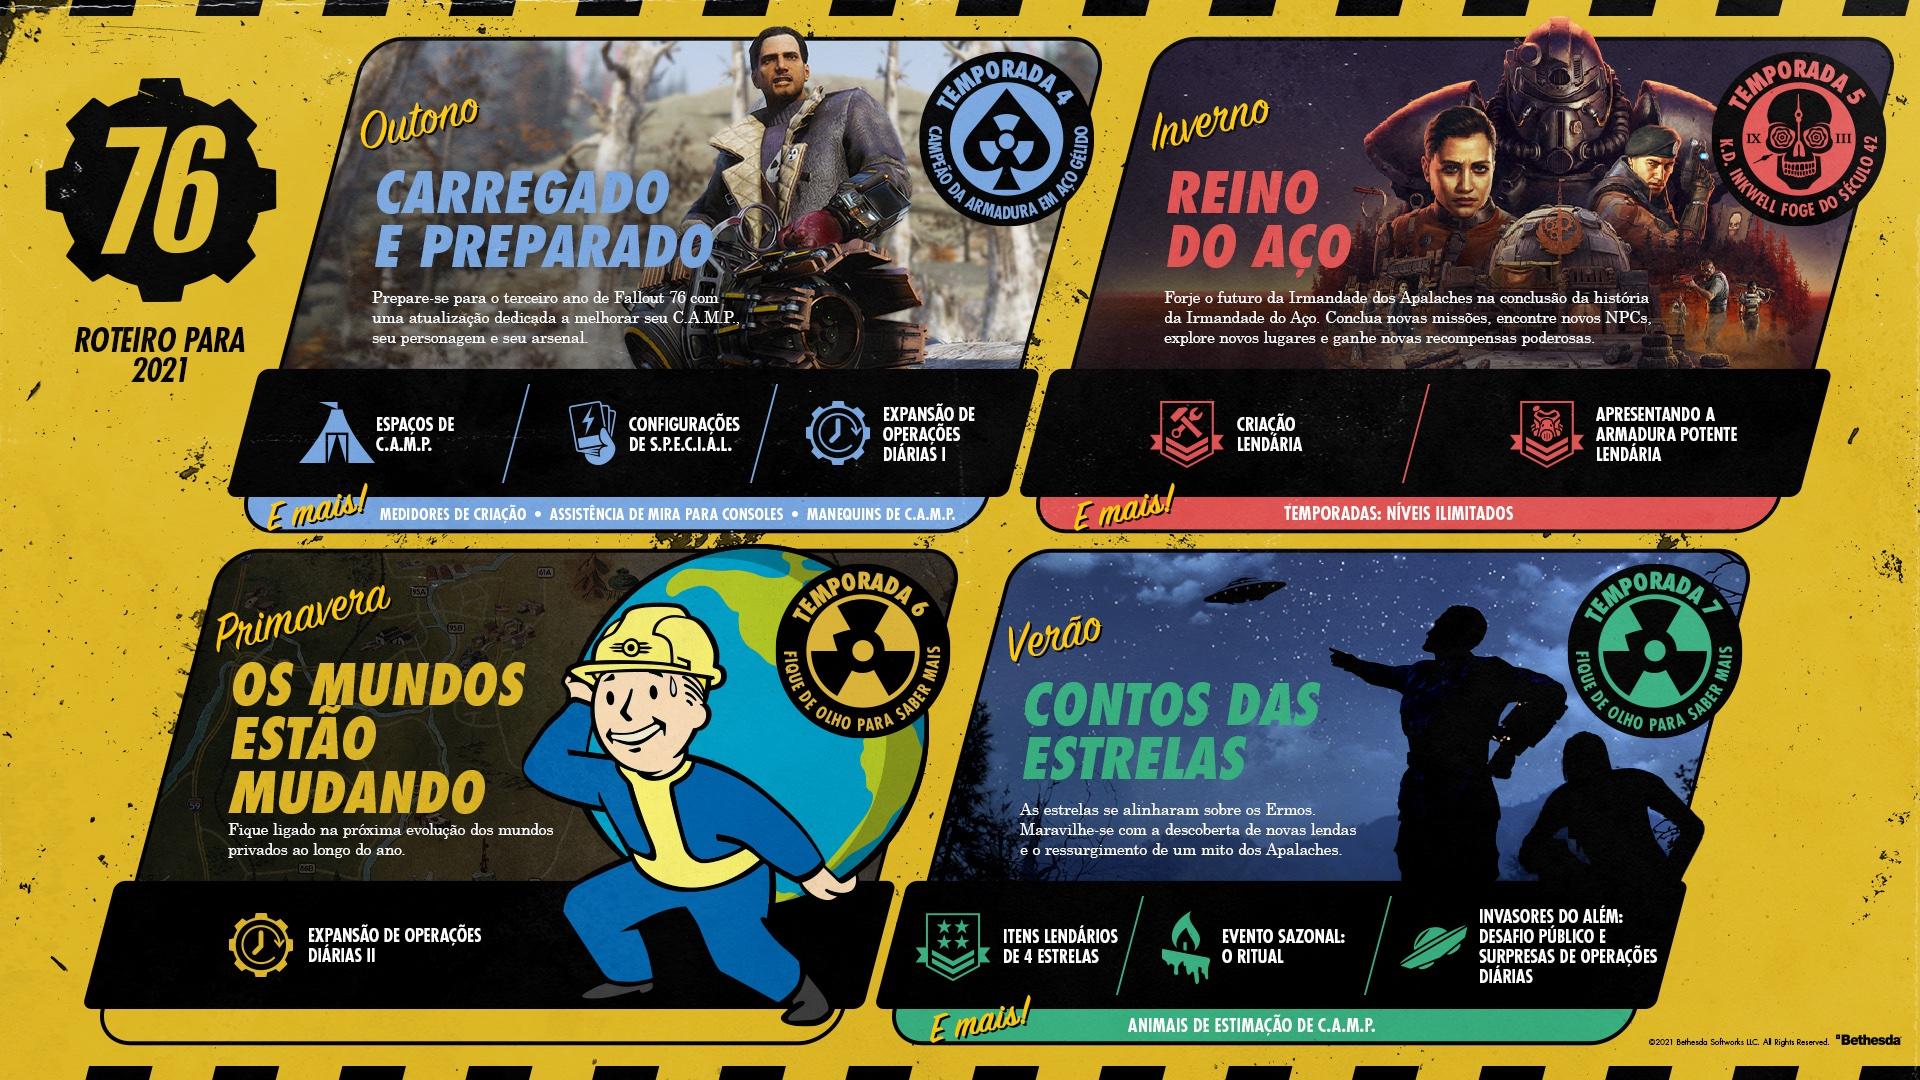 Fallout76 2021 Roadmap Full PTBR